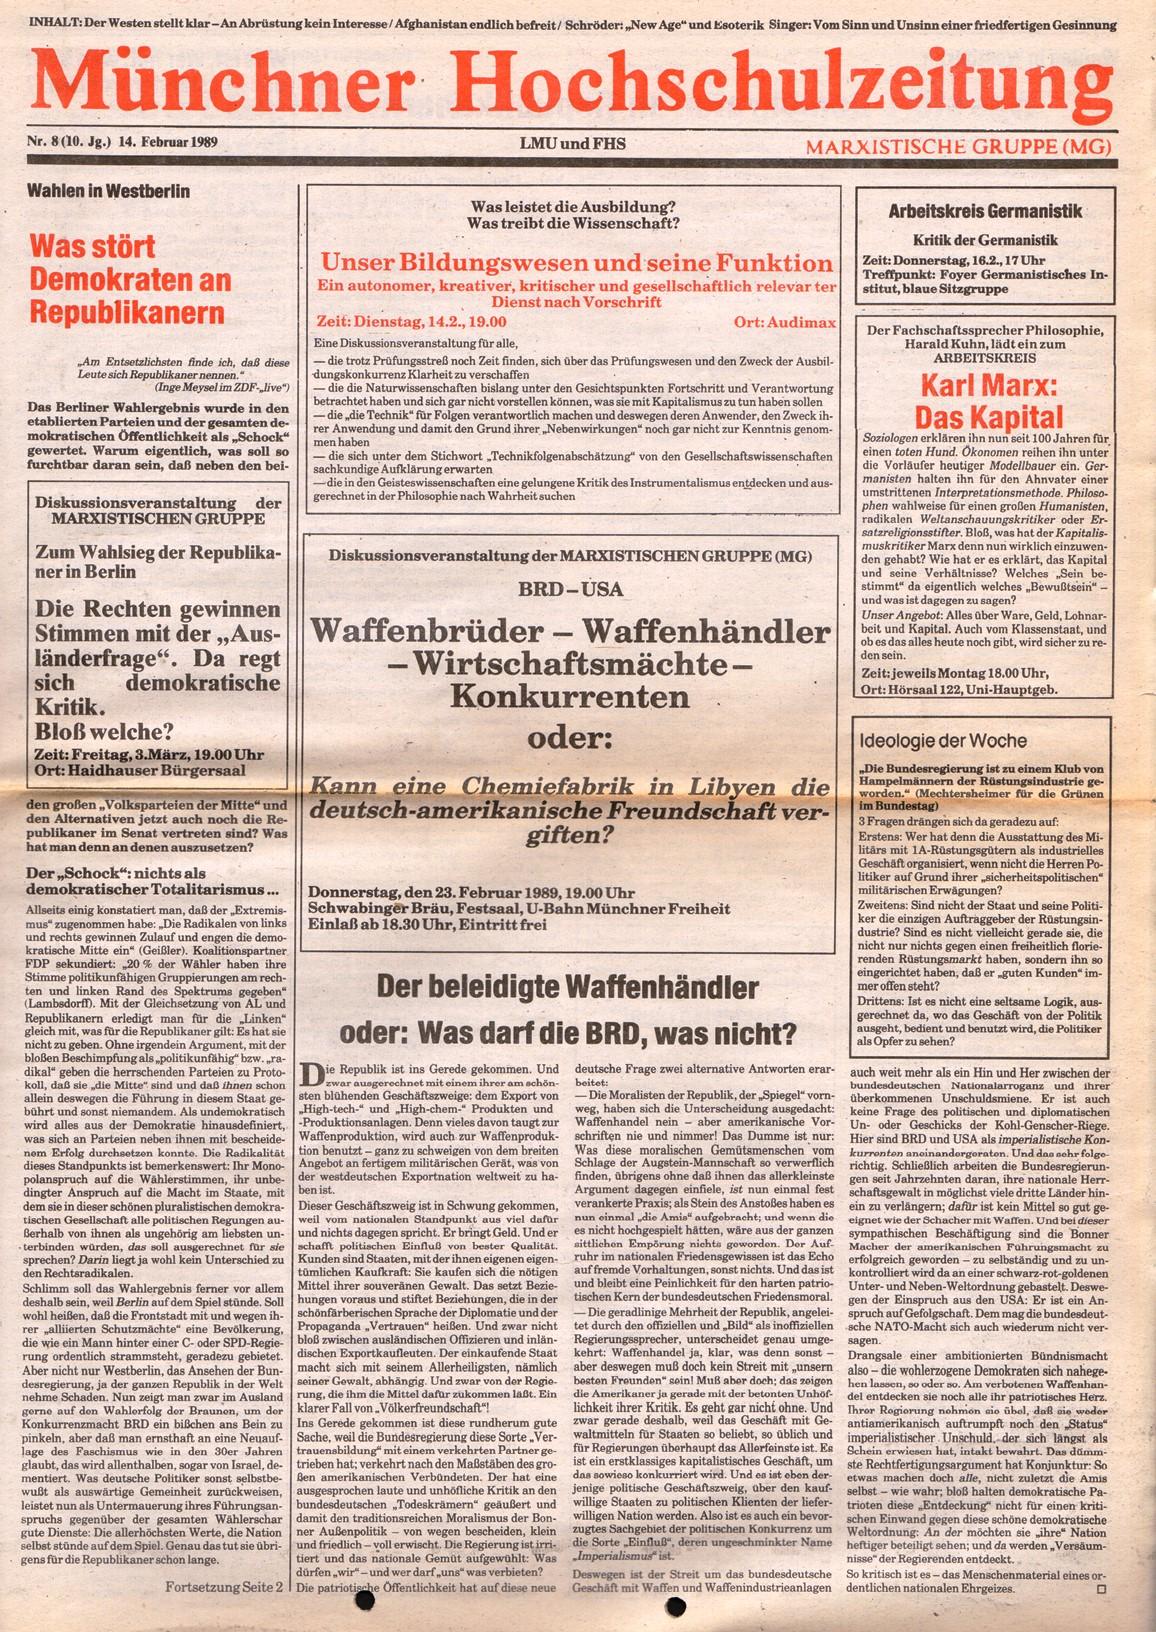 Muenchen_MG_Hochschulzeitung_19890214_01